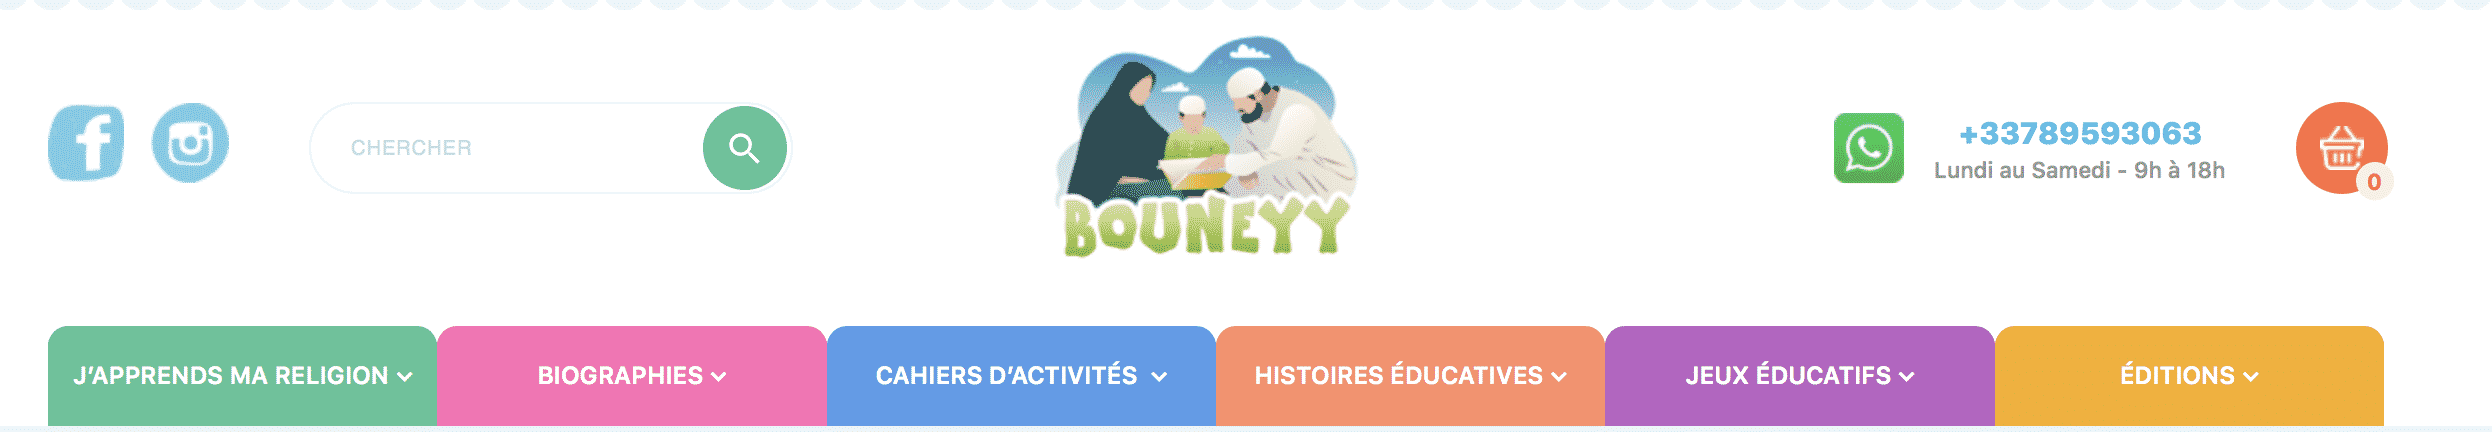 Boutique de jeux islamiques